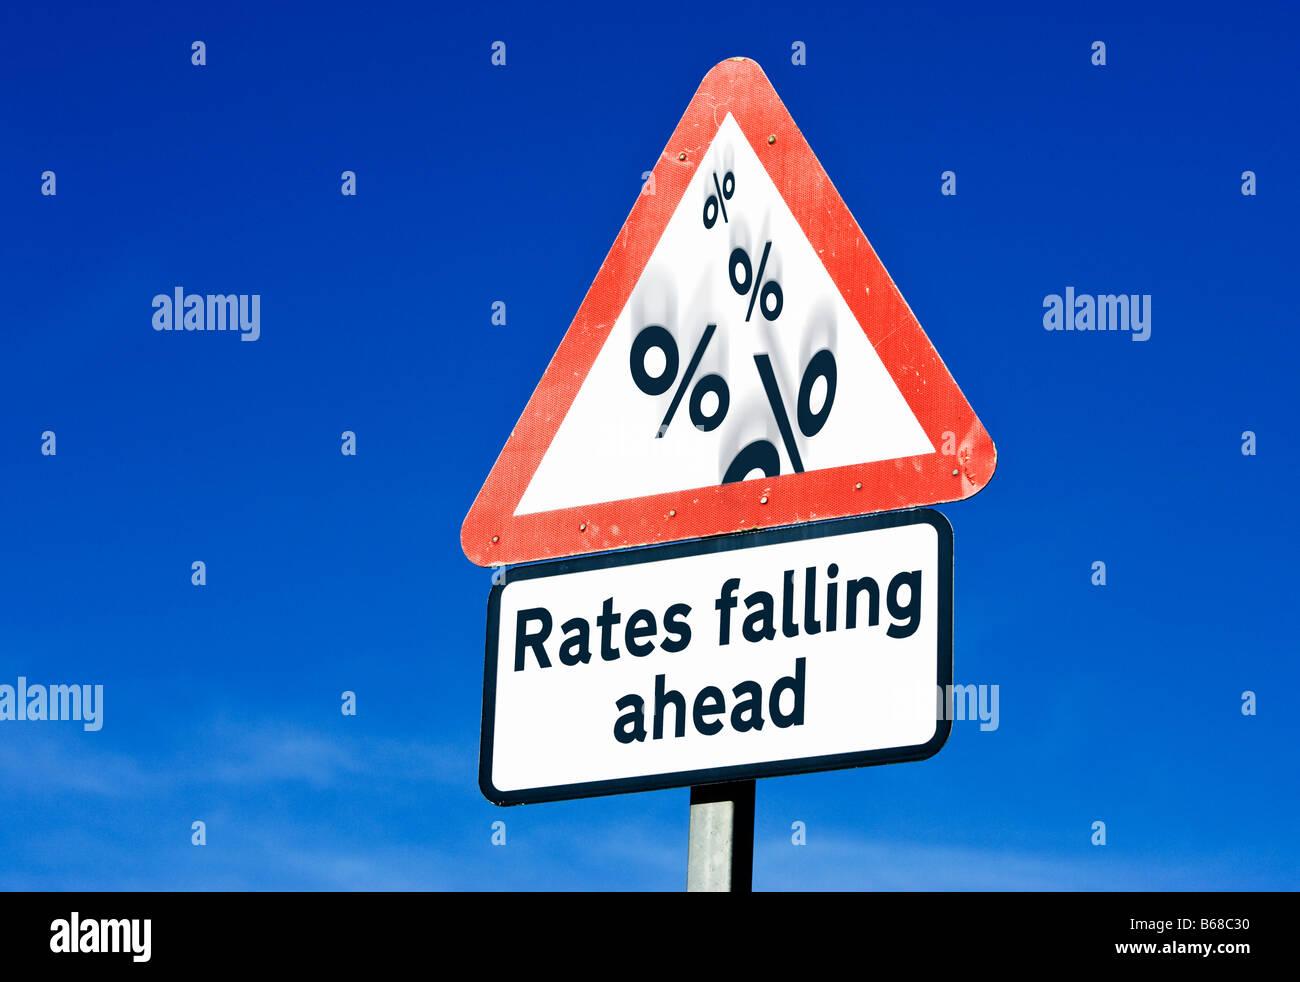 Interest Rates falling England UK - Stock Image